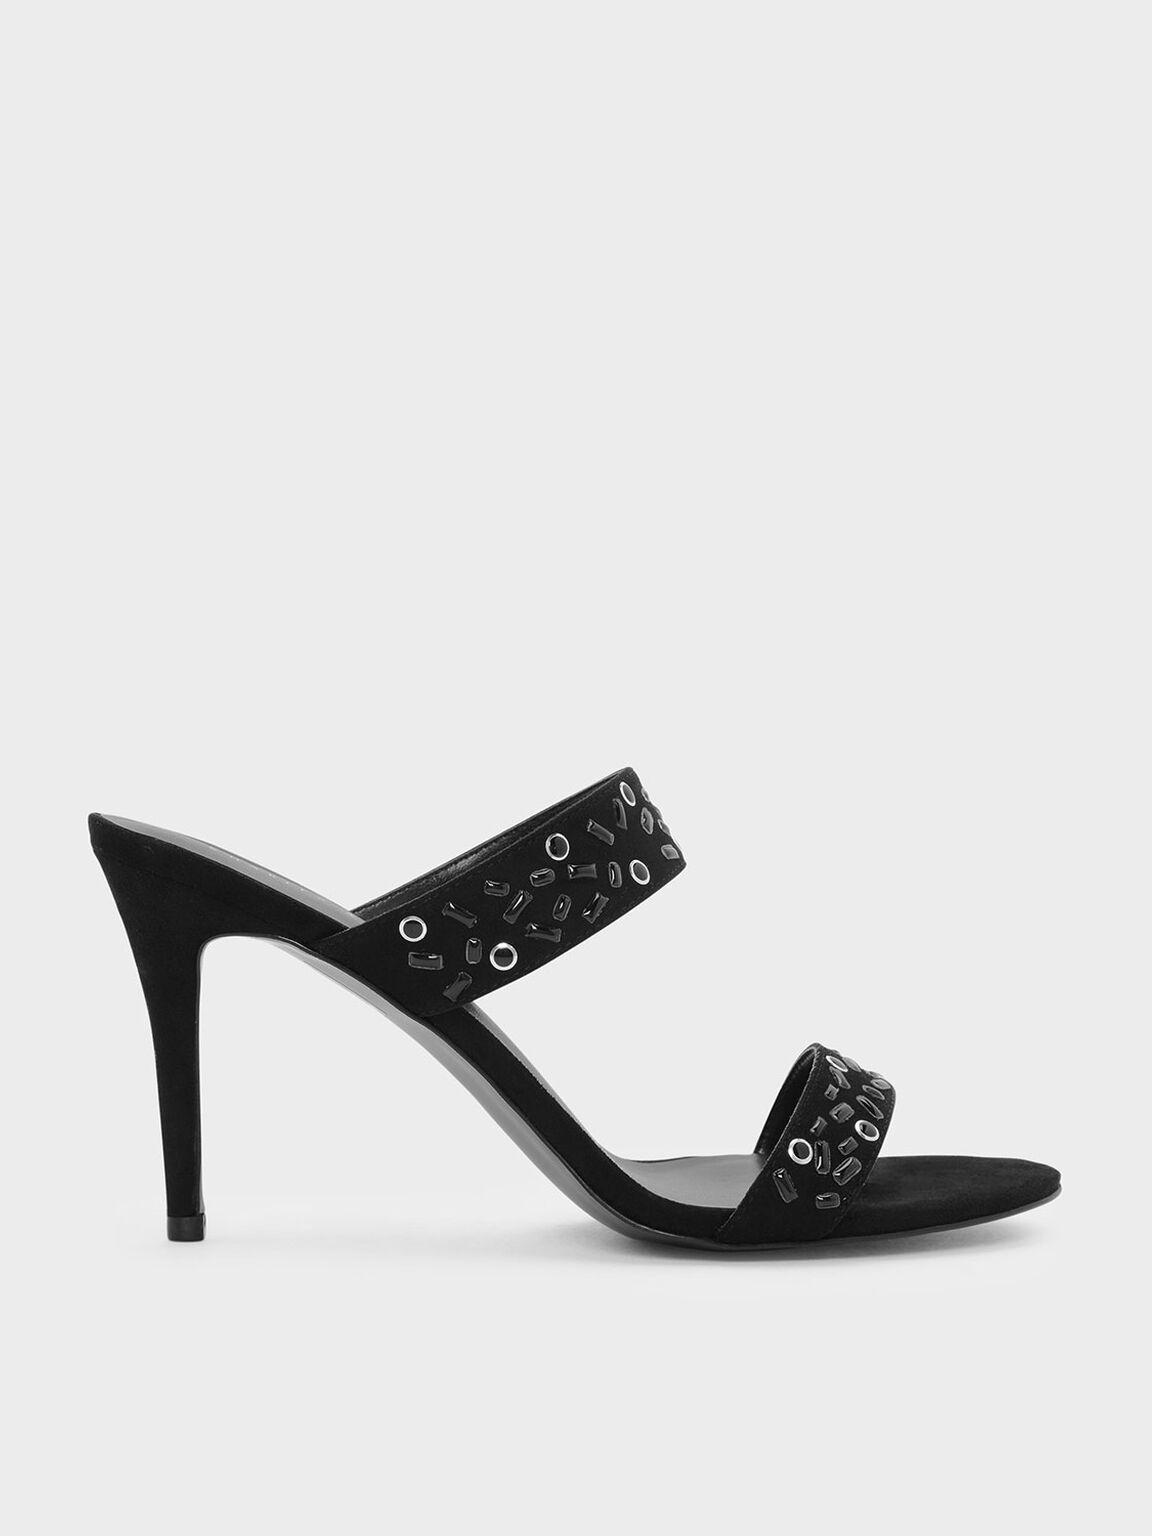 Embellished Double Strap Mules, Black, hi-res